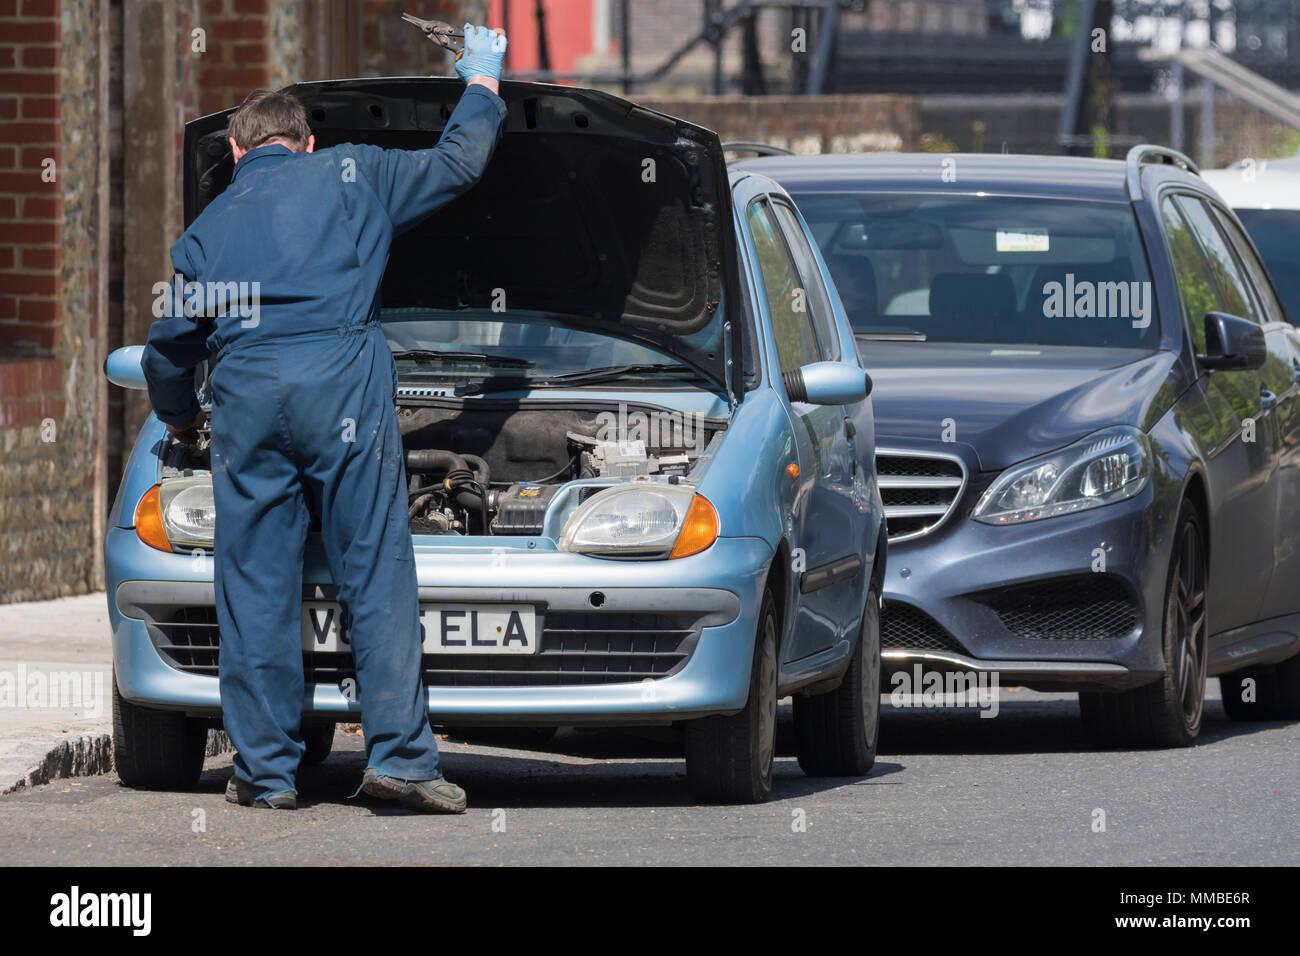 Mecánico de automóviles vistiendo monos trabajando en un coche con el capó en el Reino Unido. Imagen De Stock